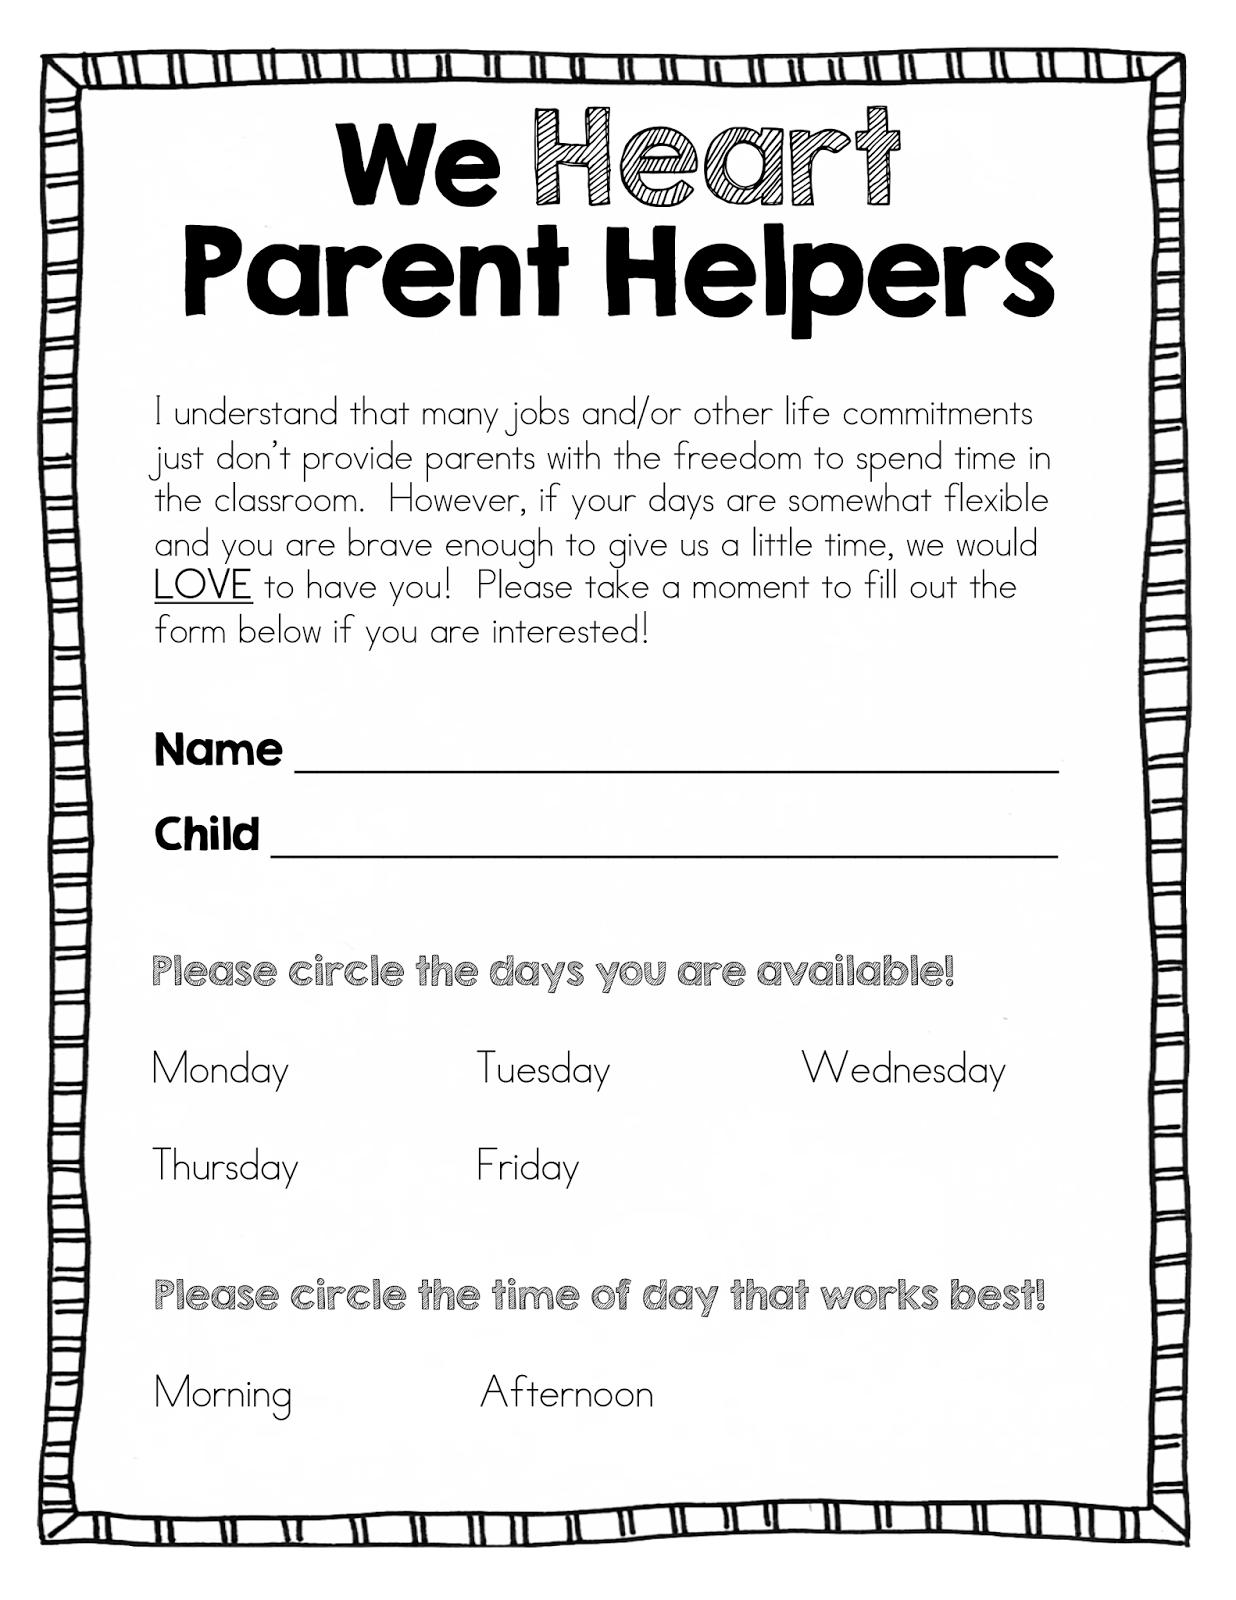 parent volunteer form template mersn proforum co